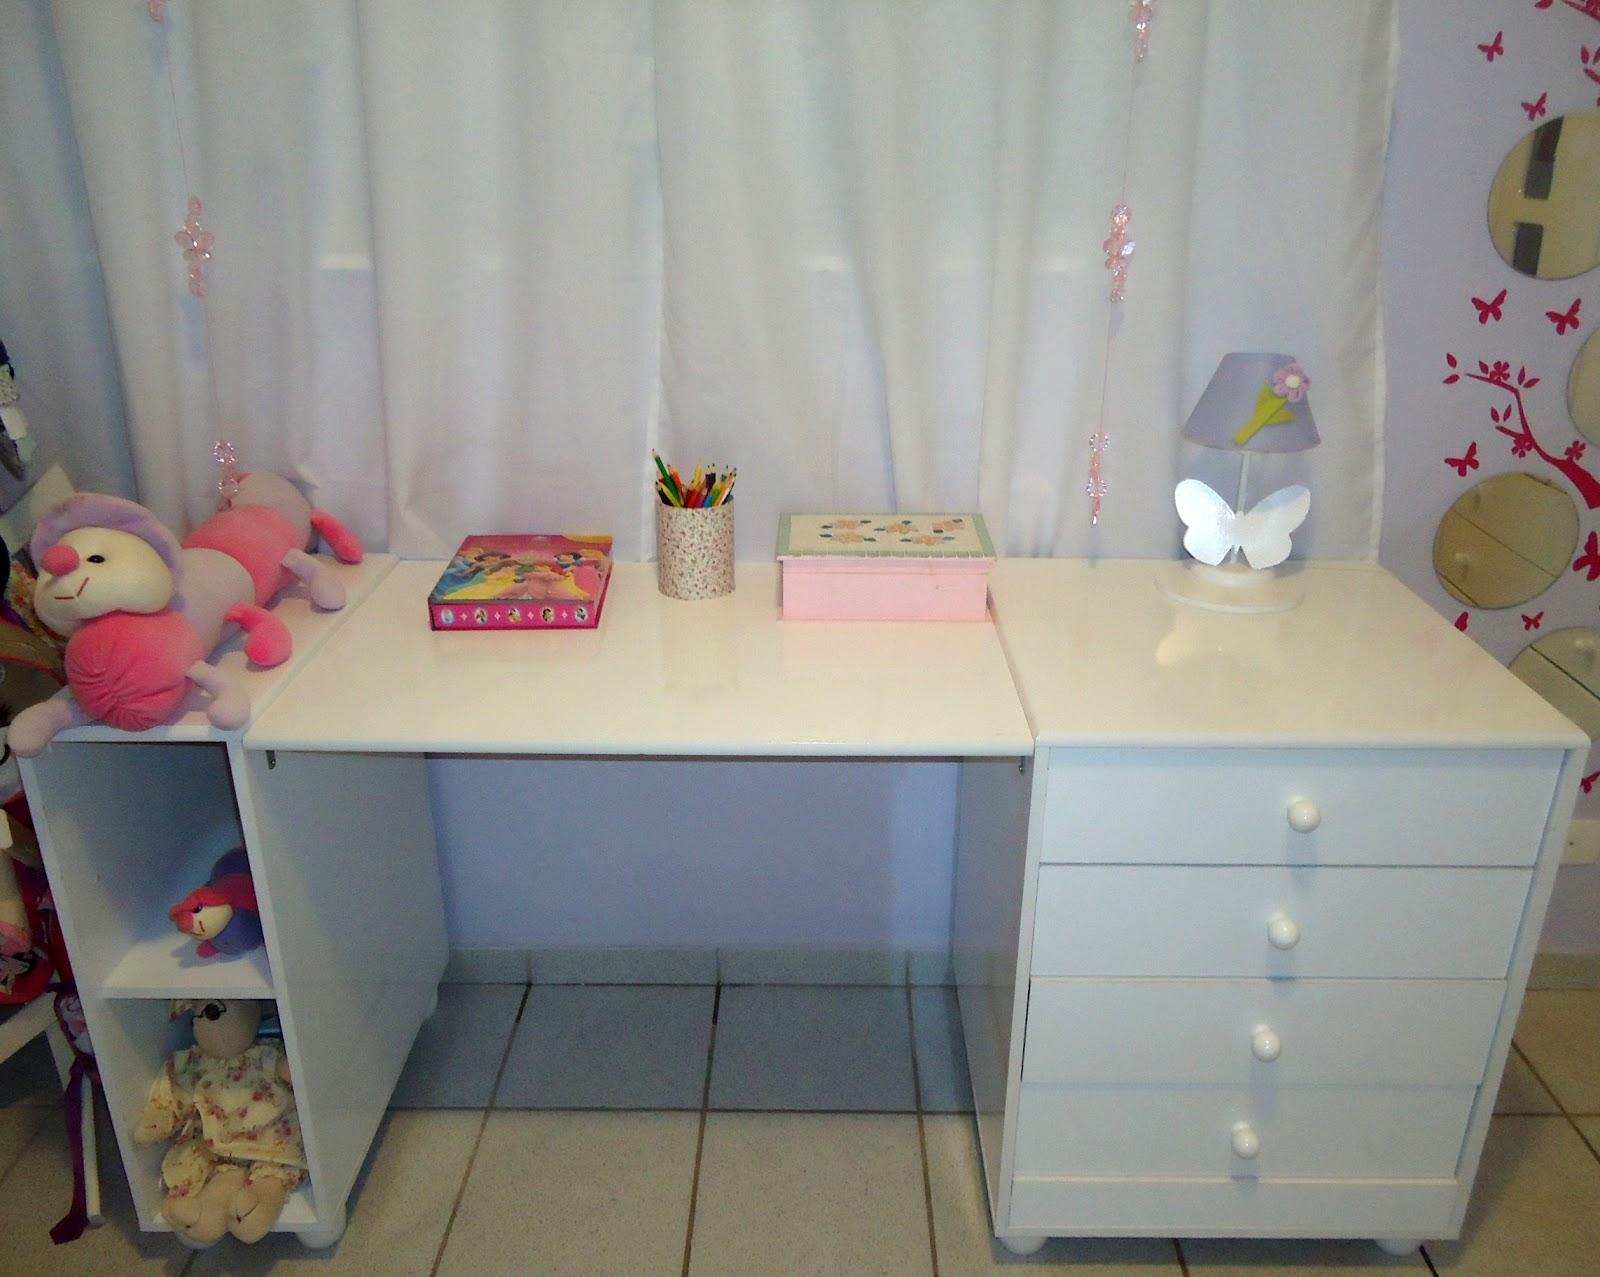 berço transformou se nessa escrivaninha que ocupou o lugar da cômoda #703E3B 1600x1277